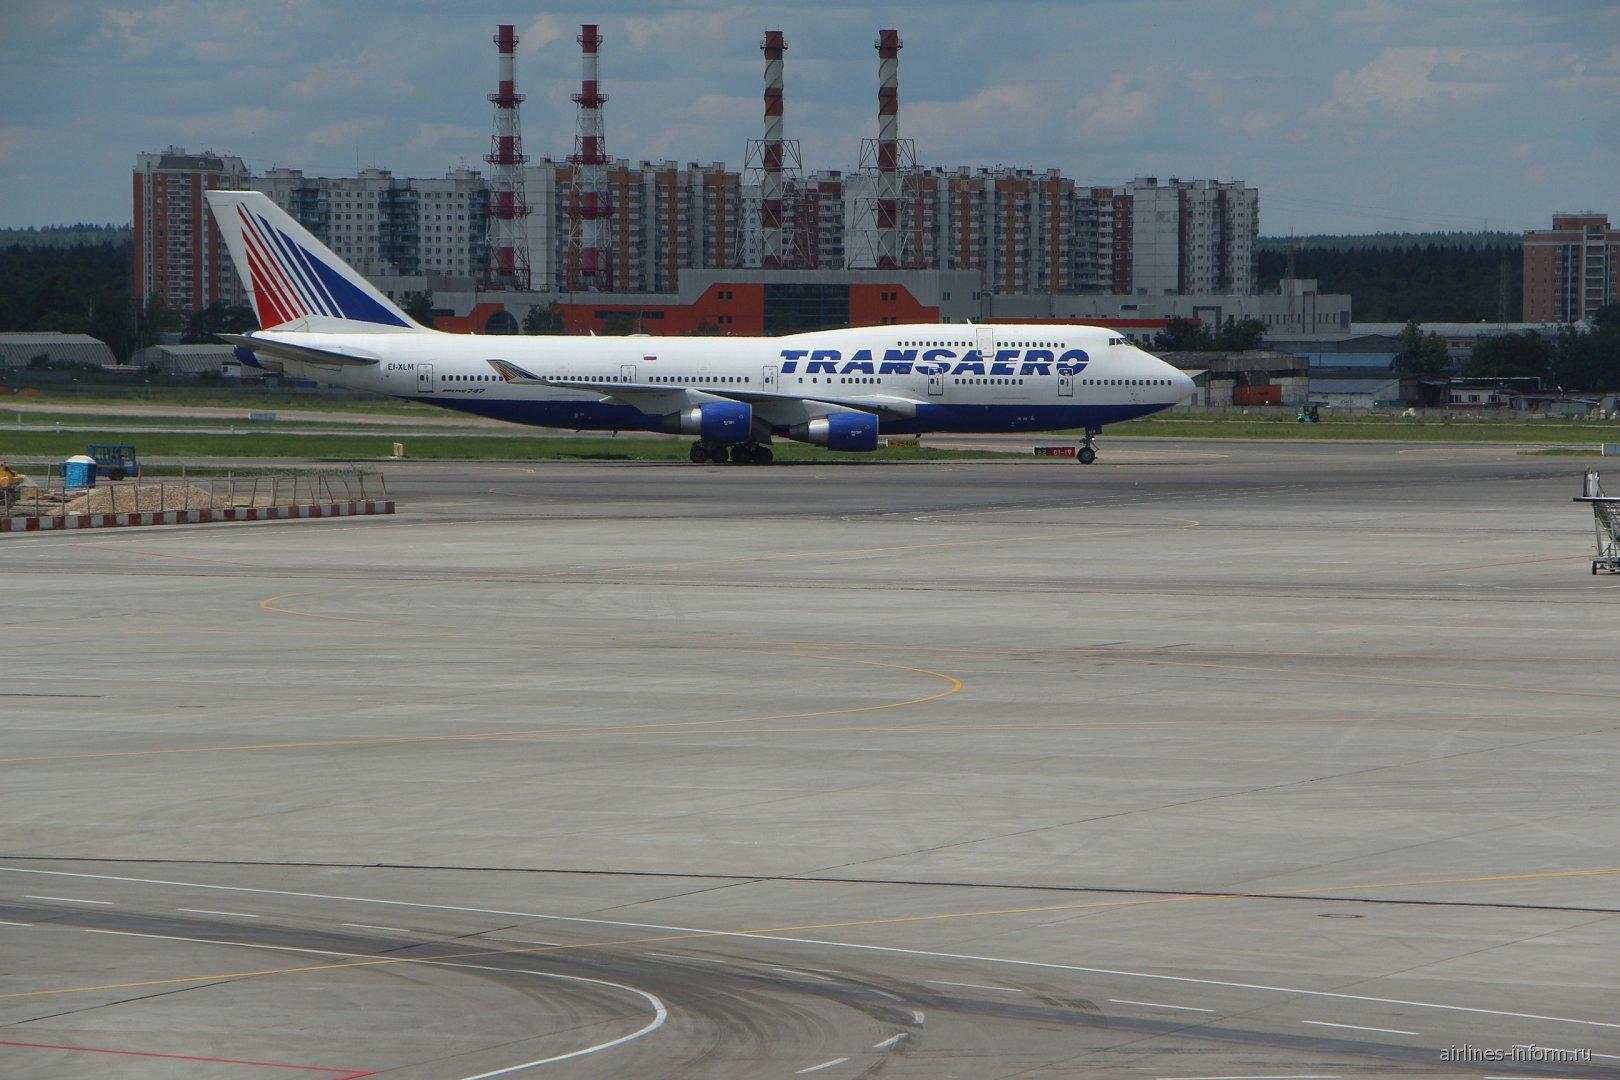 В747-400 Подгоняют к трапу для посадки на Канкун